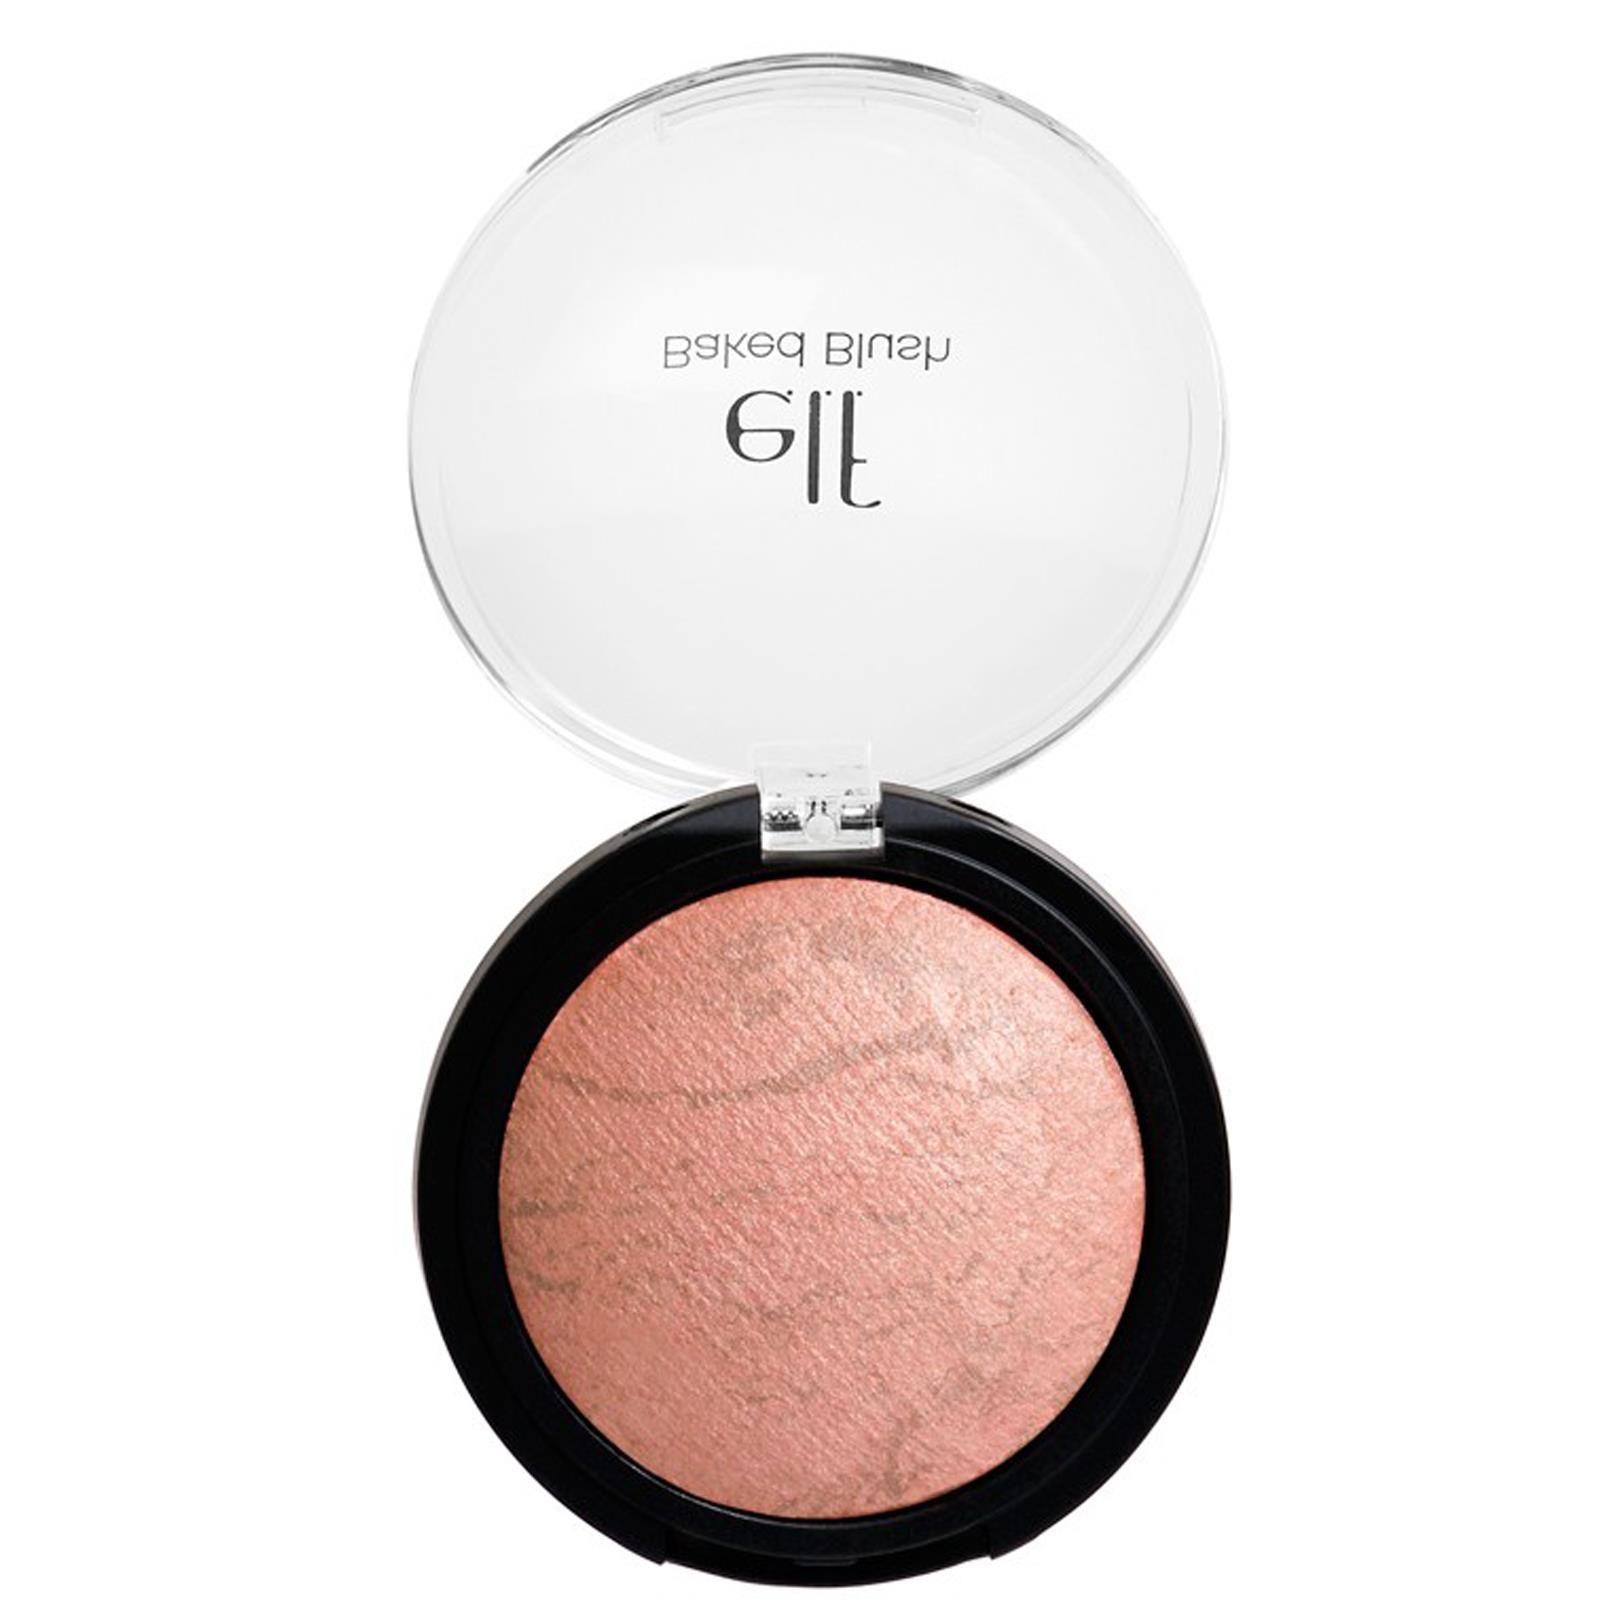 E.L.F., Baked Blush, Peachy Cheeky, 0.21 oz (6 g